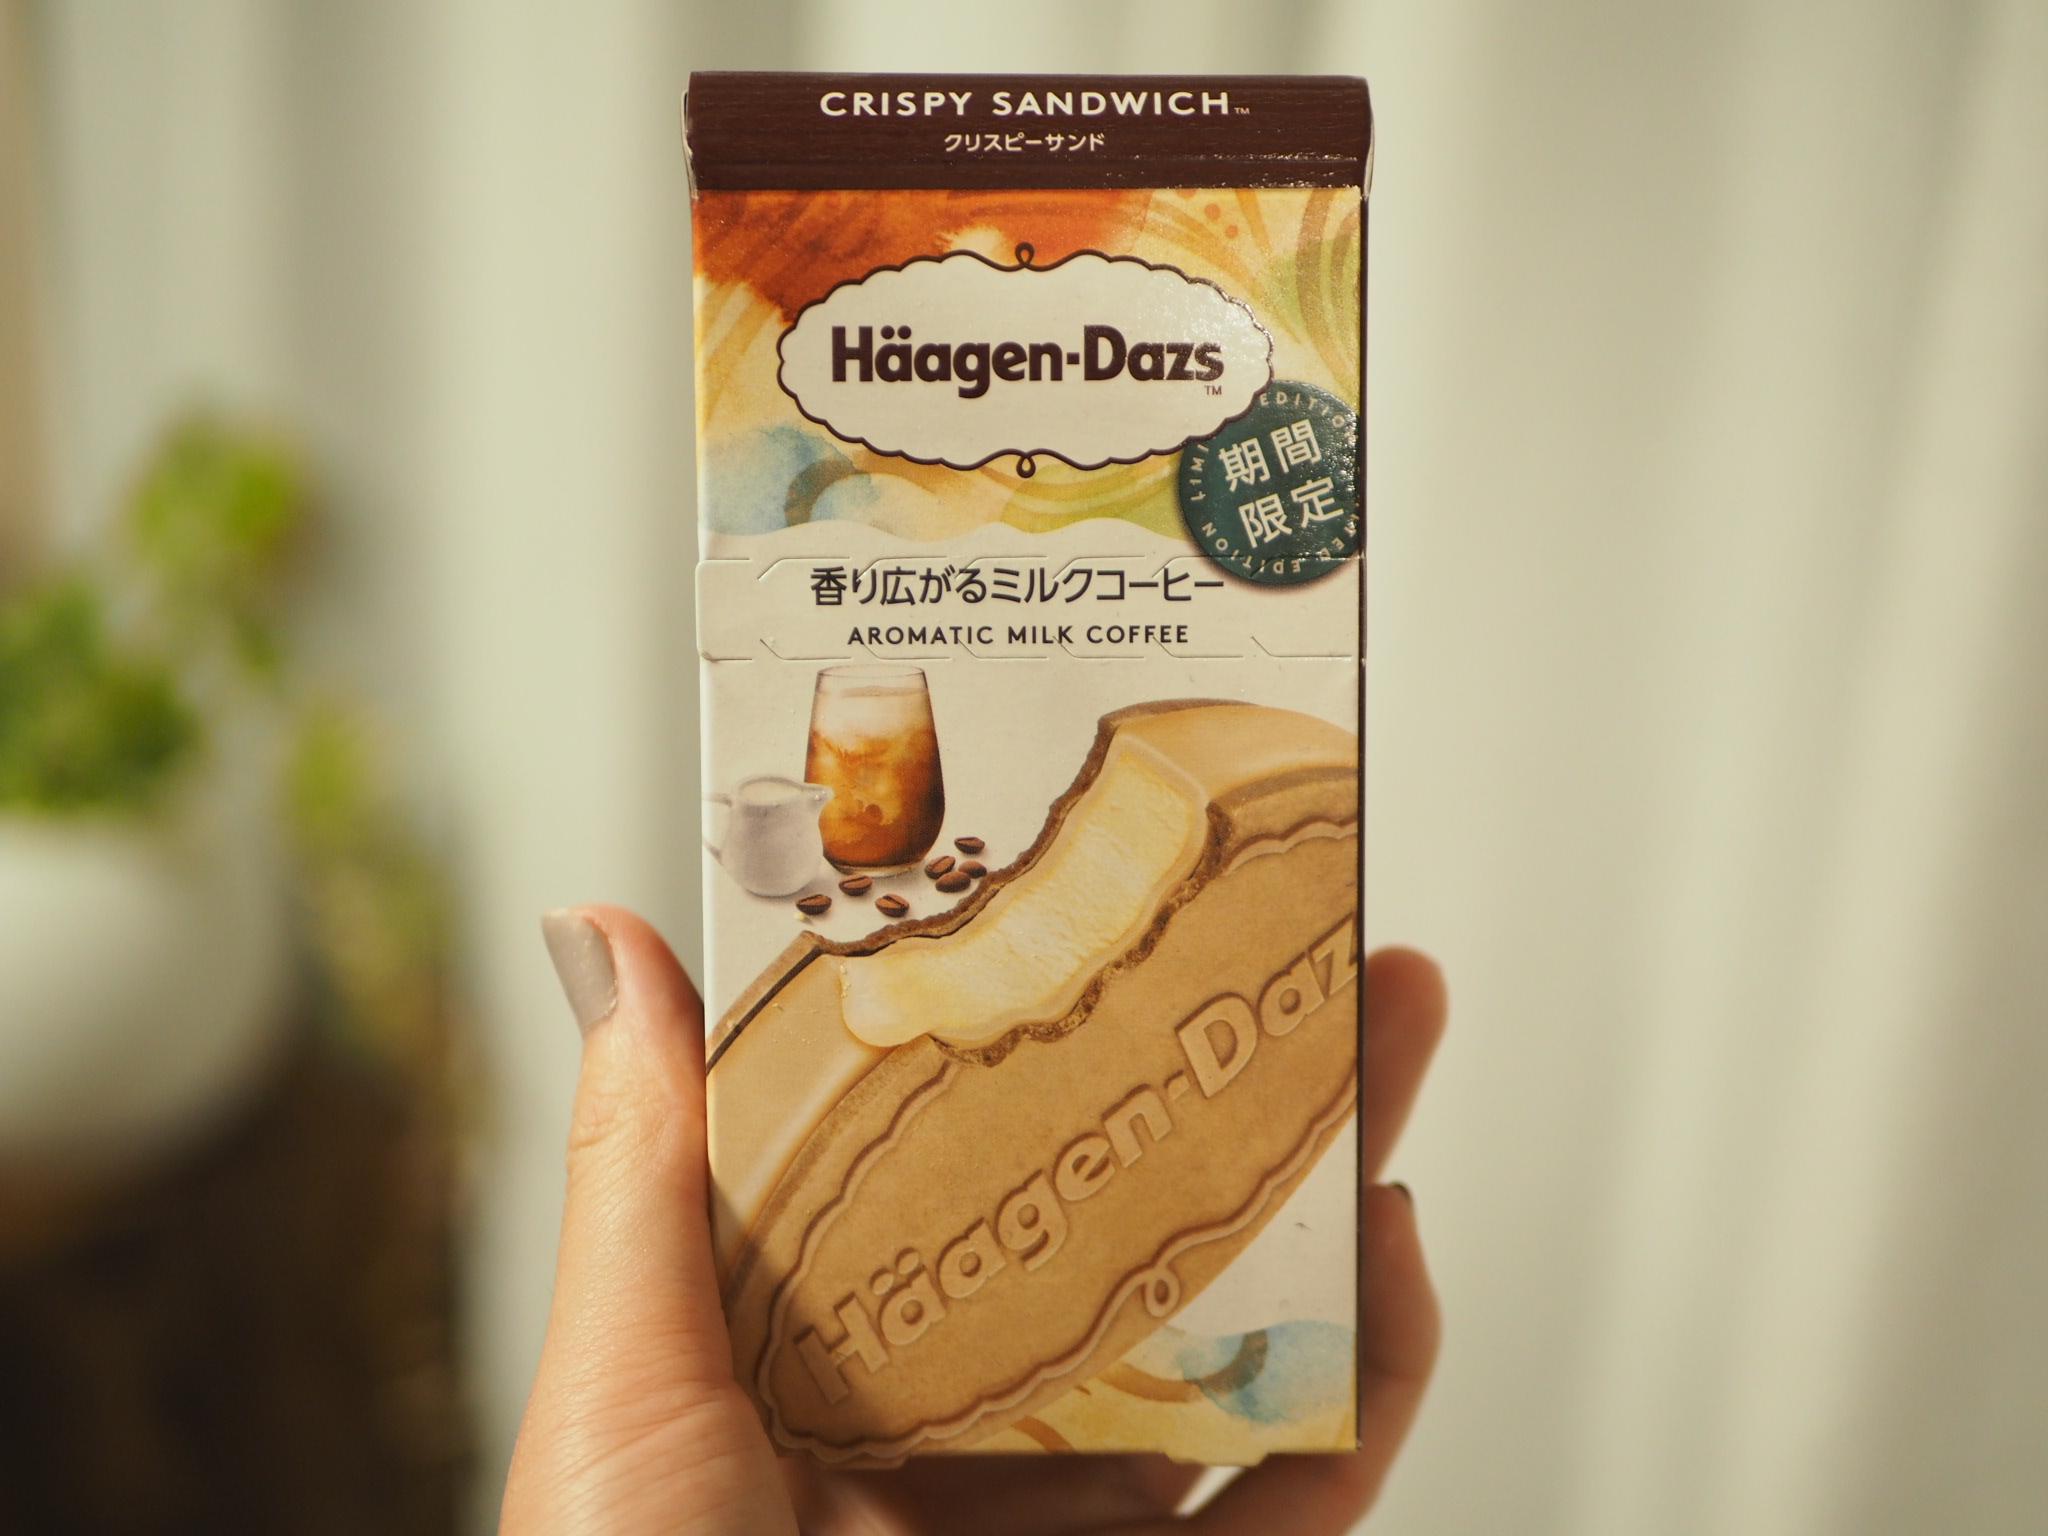 【ハーゲンダッツ新作】クリスピーサンドから《ミルクコーヒー》の新フレーバー❁*॰・_1